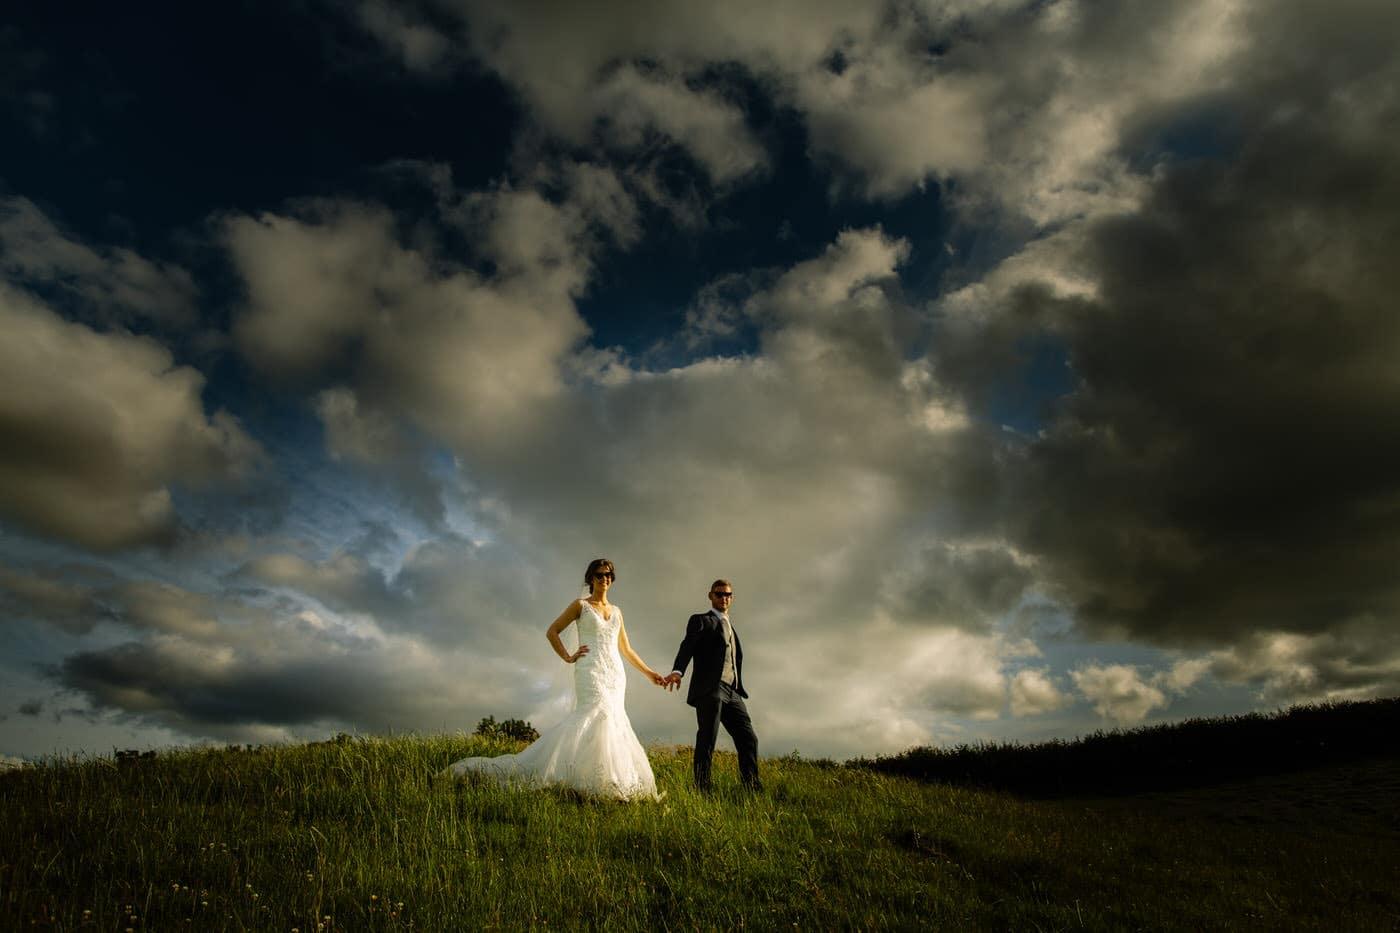 SG NORTH WALES WEDDING 1137